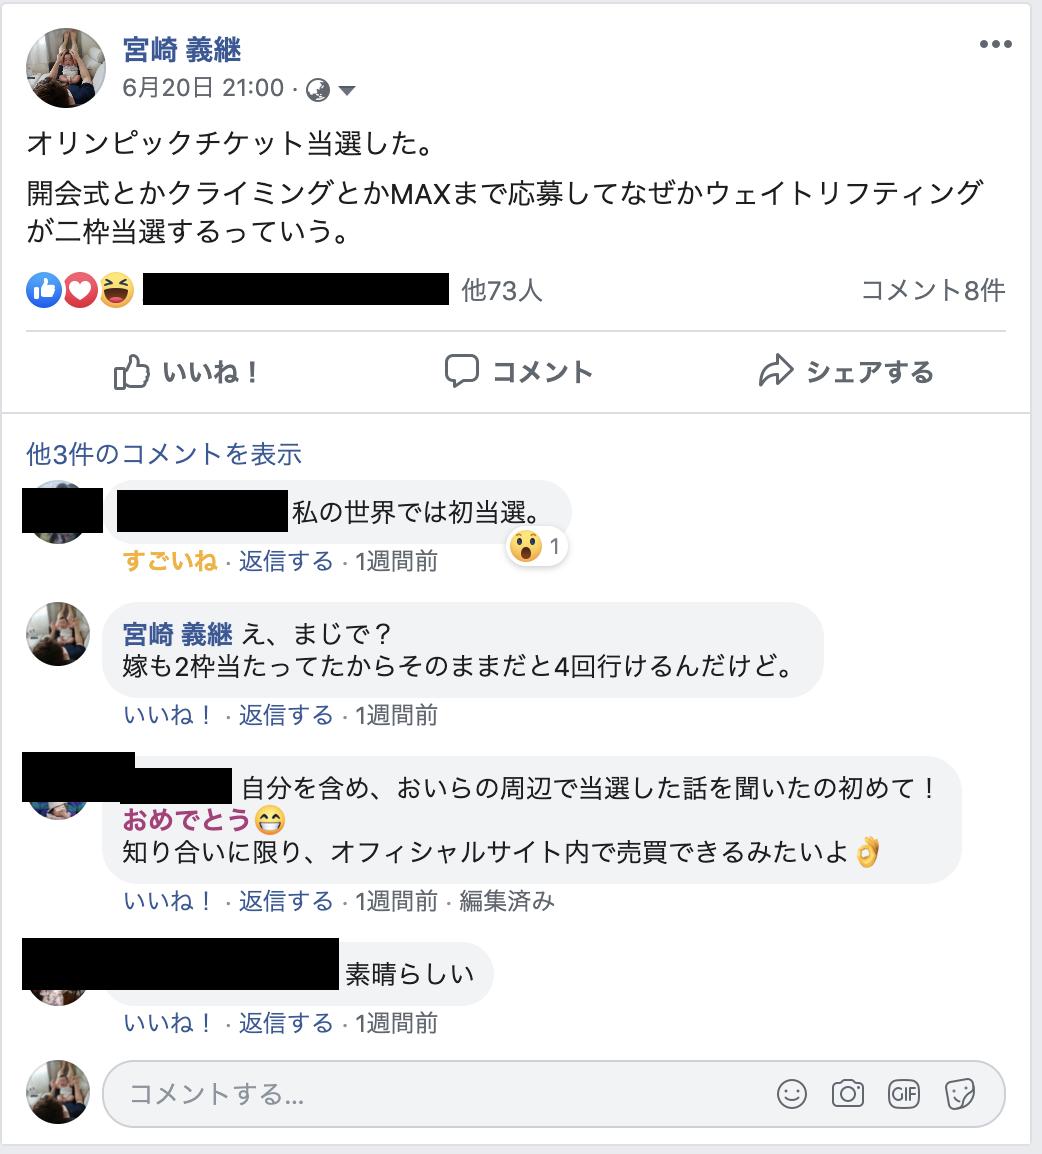 f:id:yoshitsugumi:20190701184151p:plain